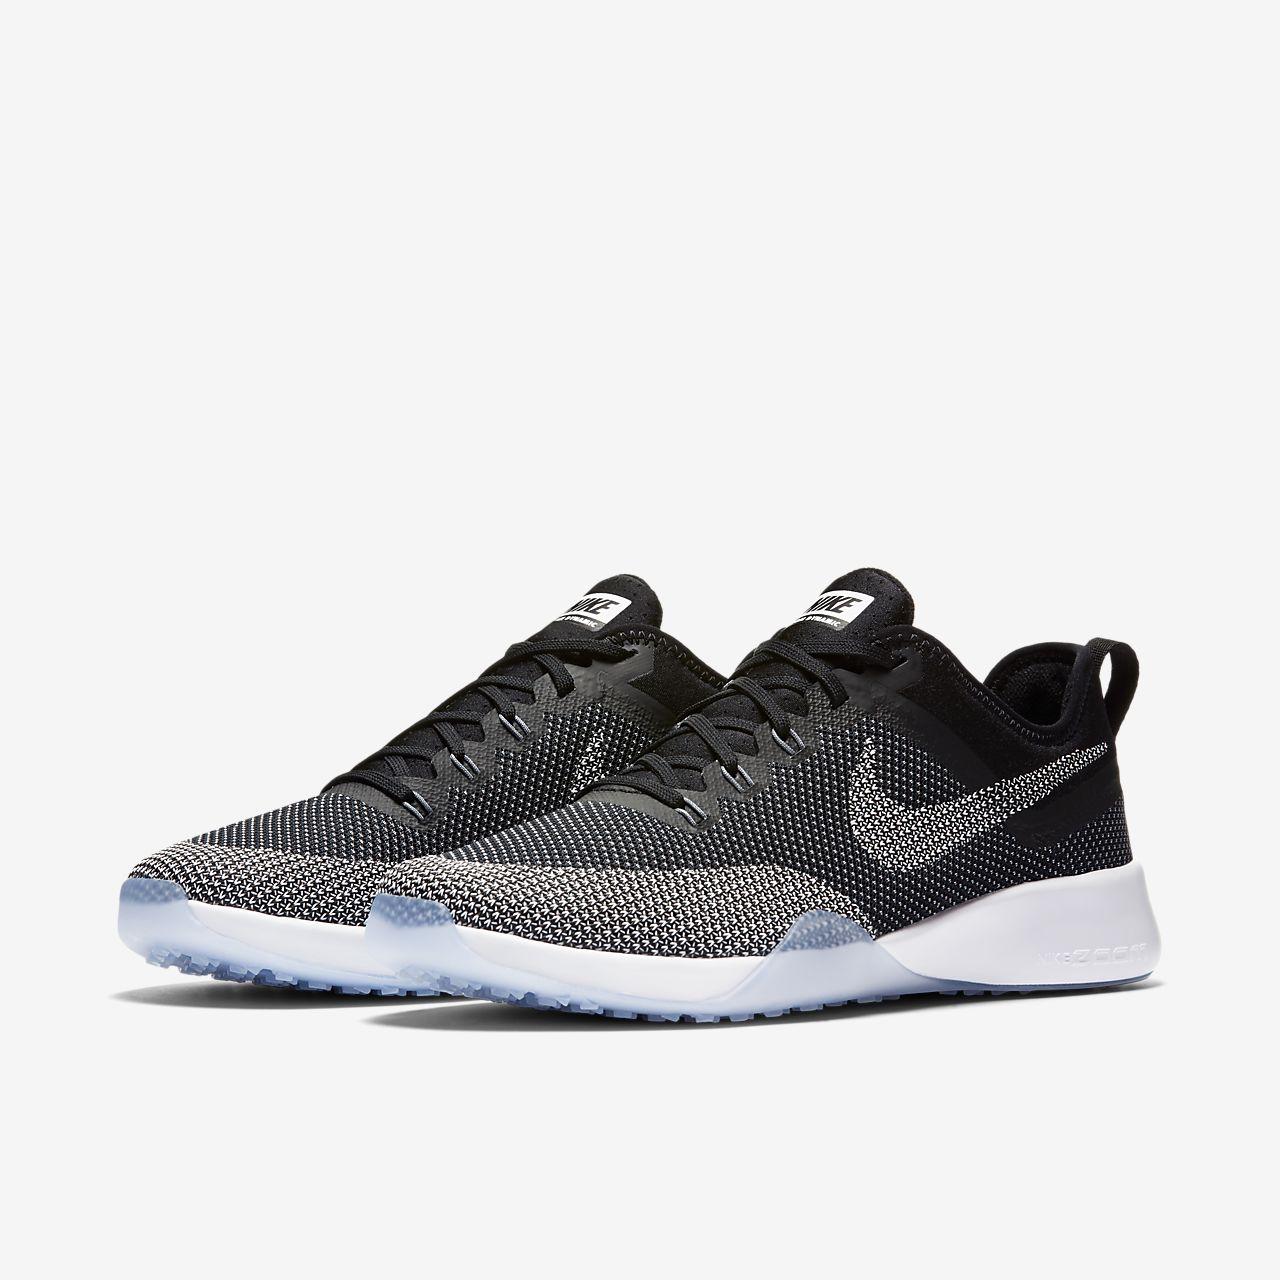 ... Calzado de entrenamiento para mujer Nike Air Zoom Dynamic TR